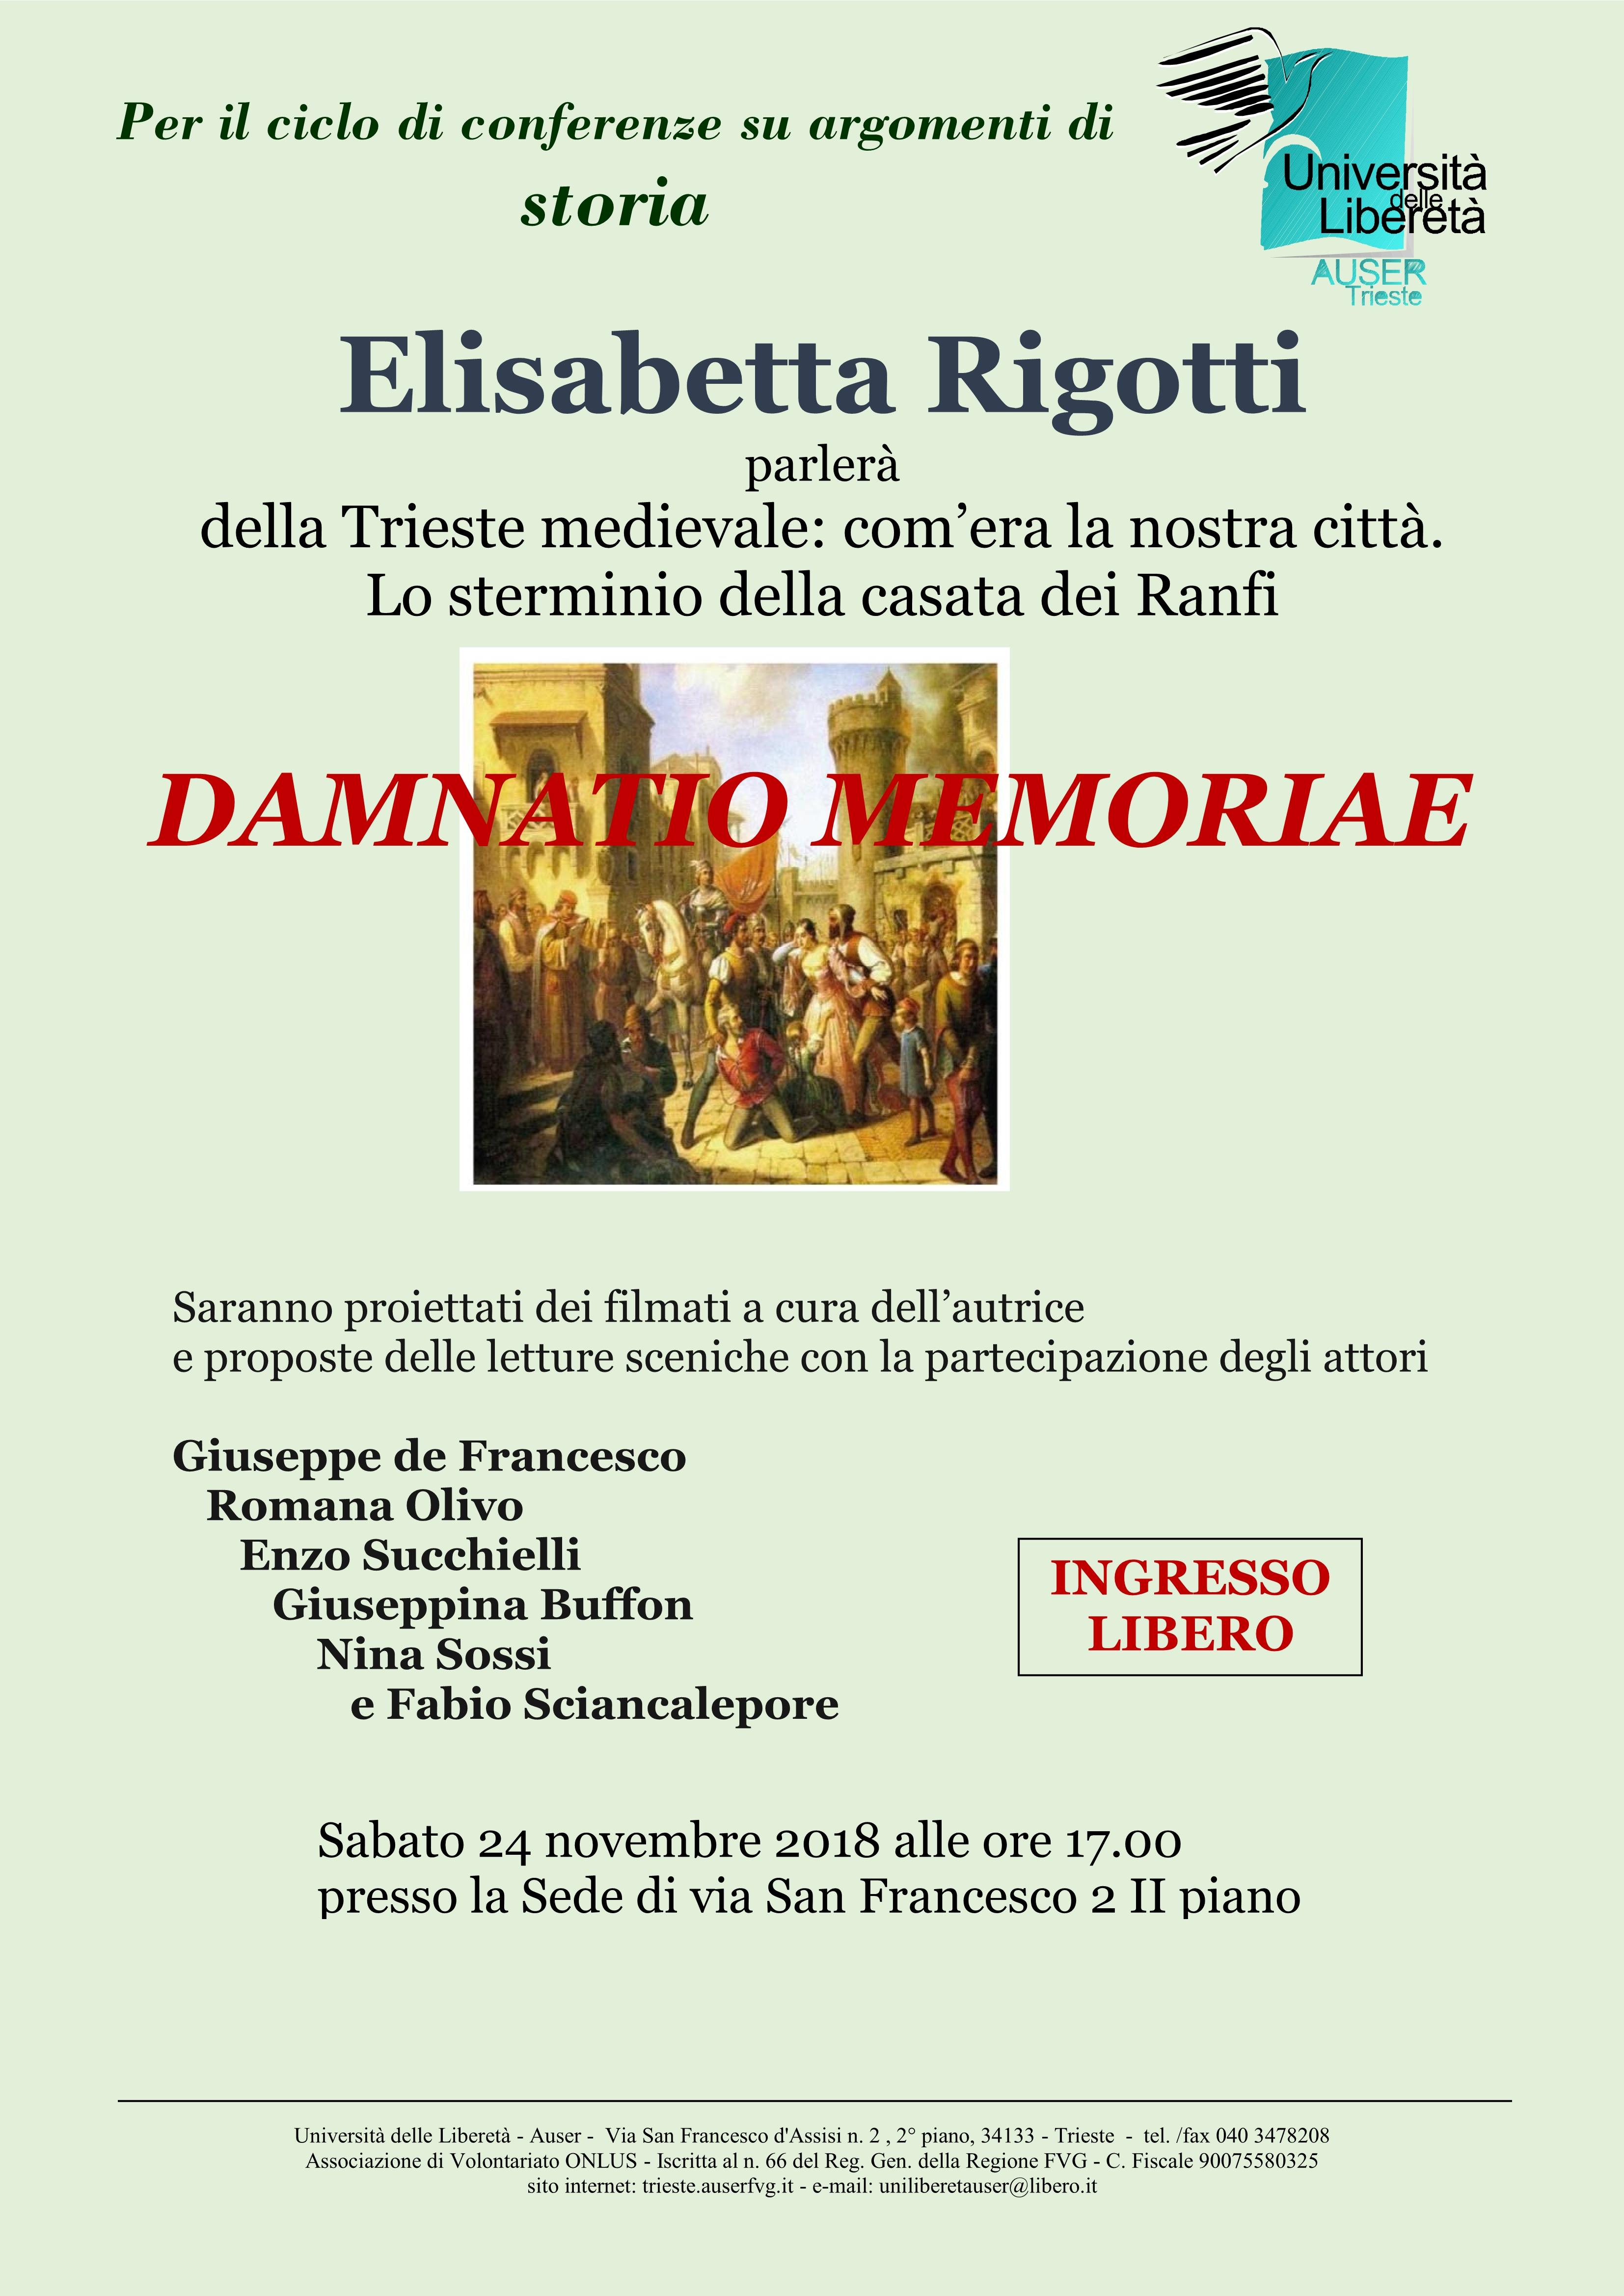 Damnatio memoriae1